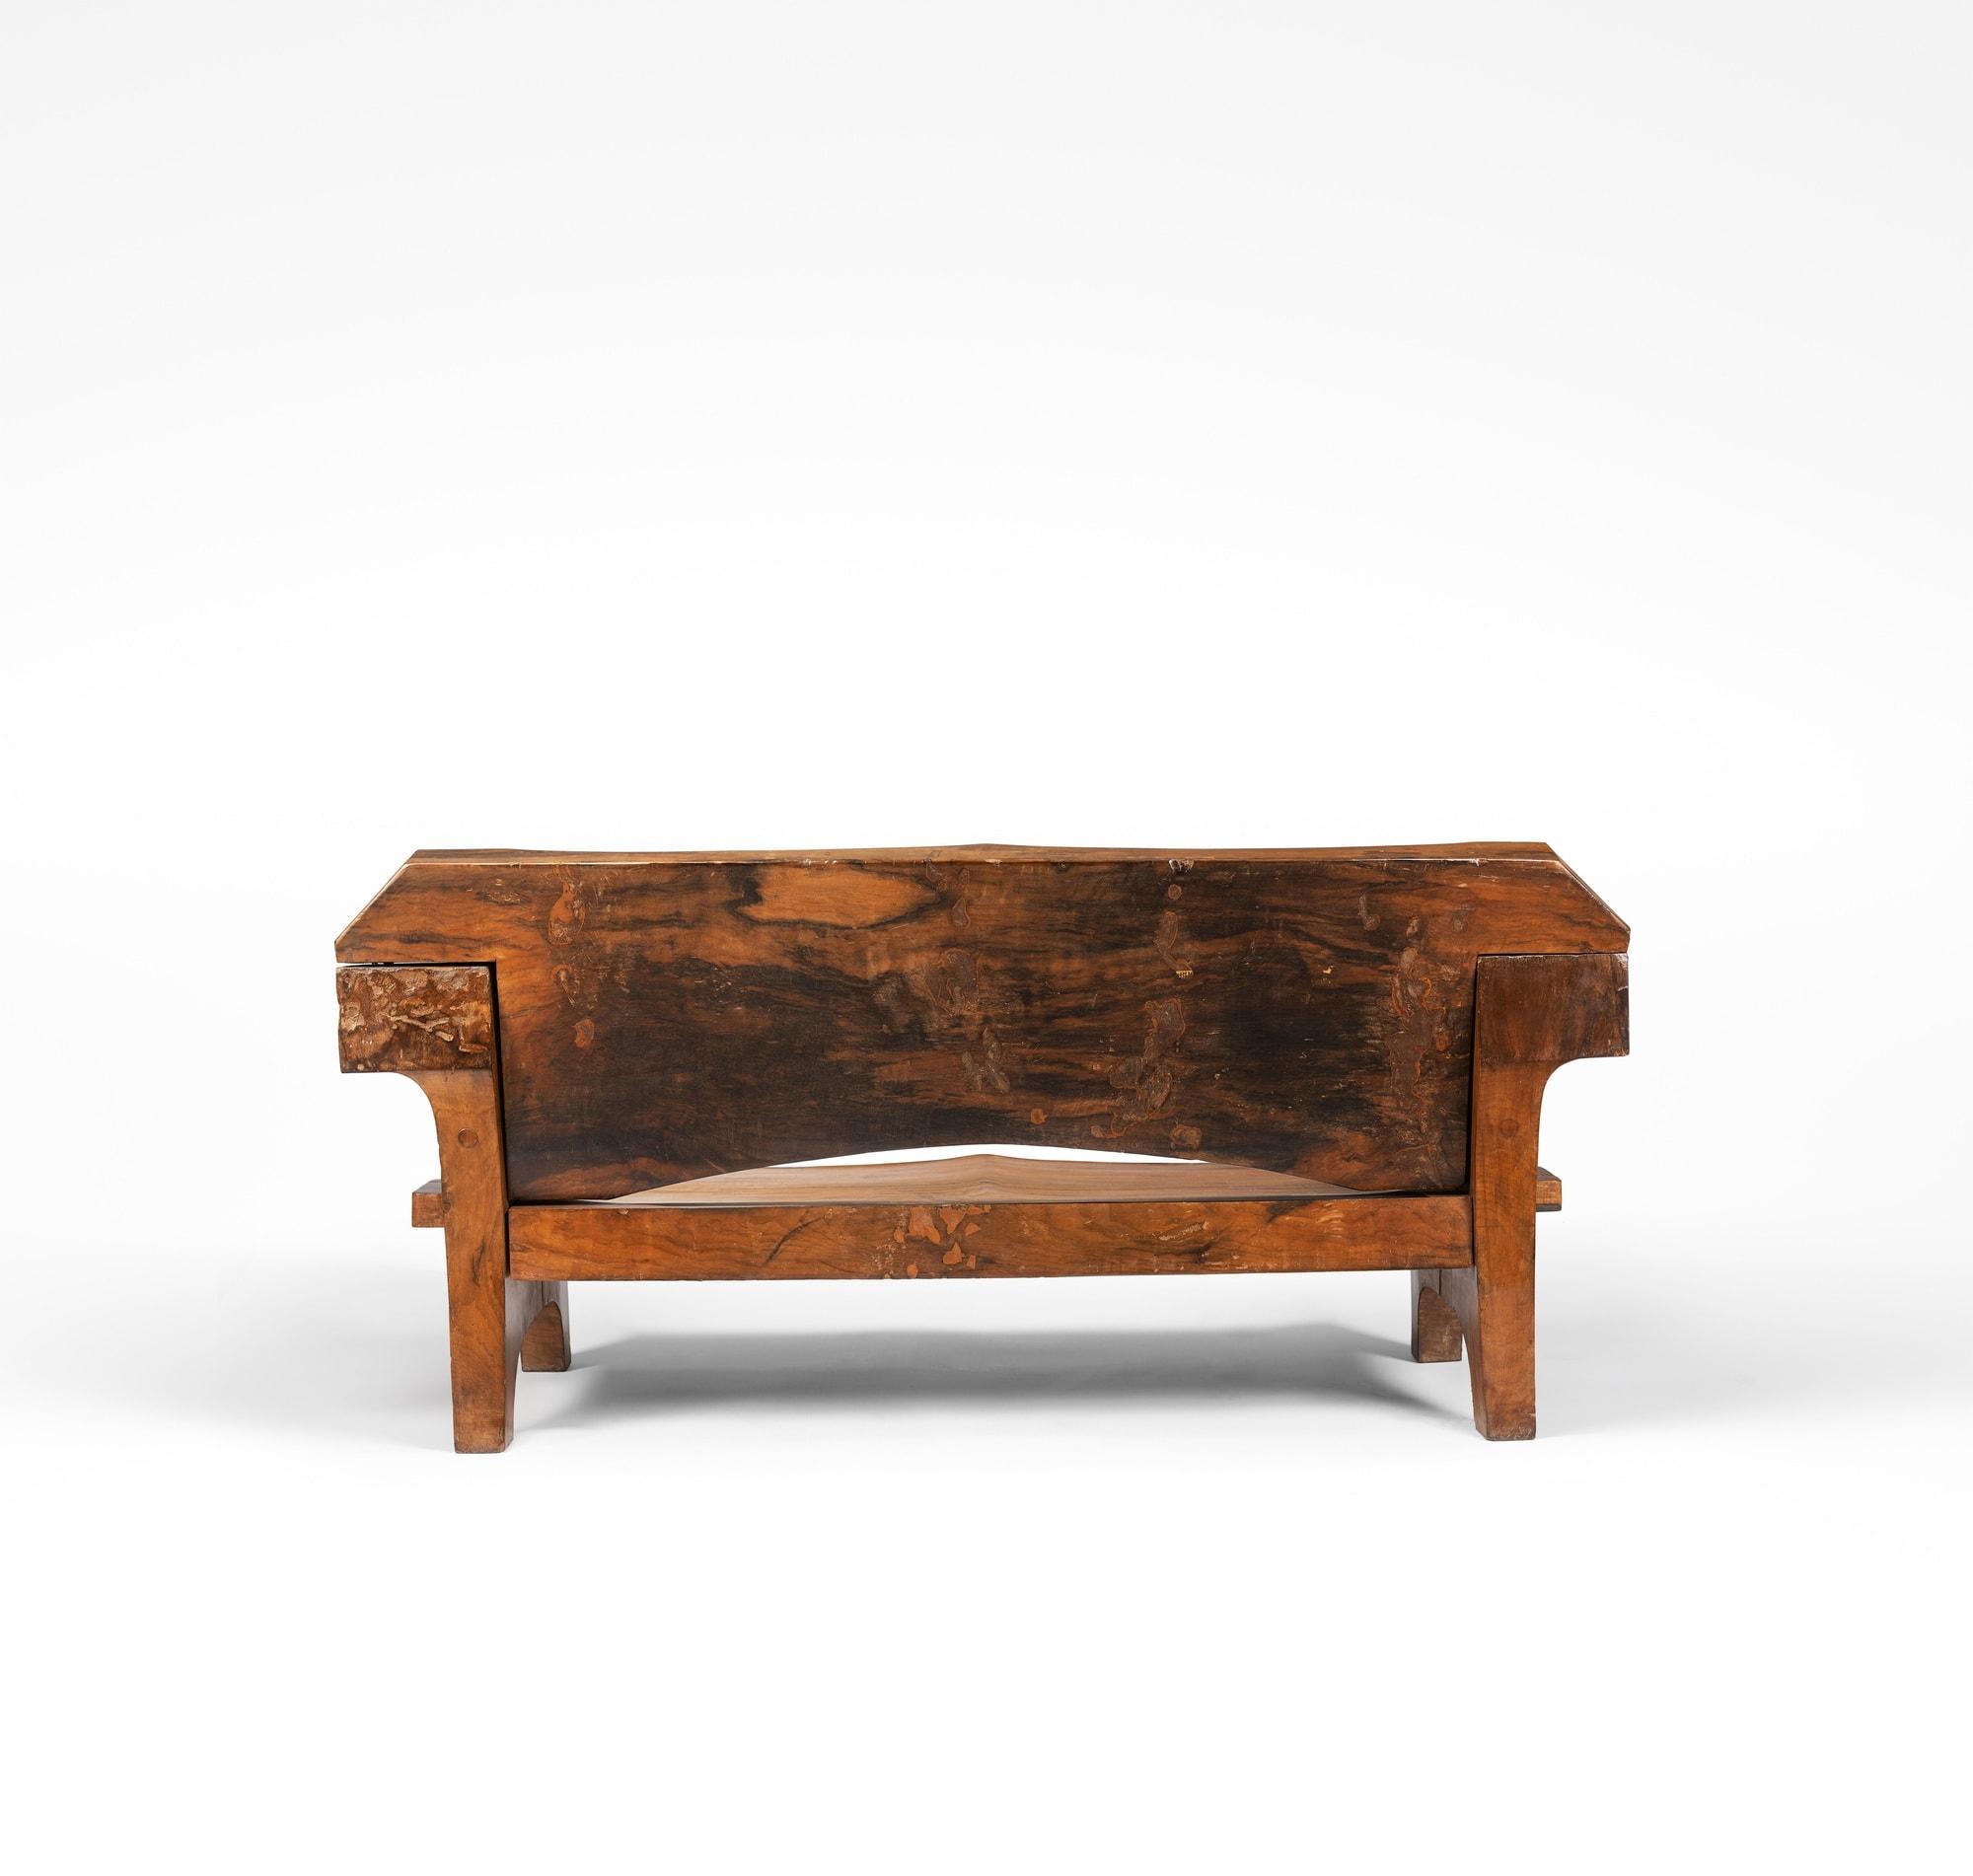 Jose Zanine Caldas, Important canapé en bois massif, vue 03